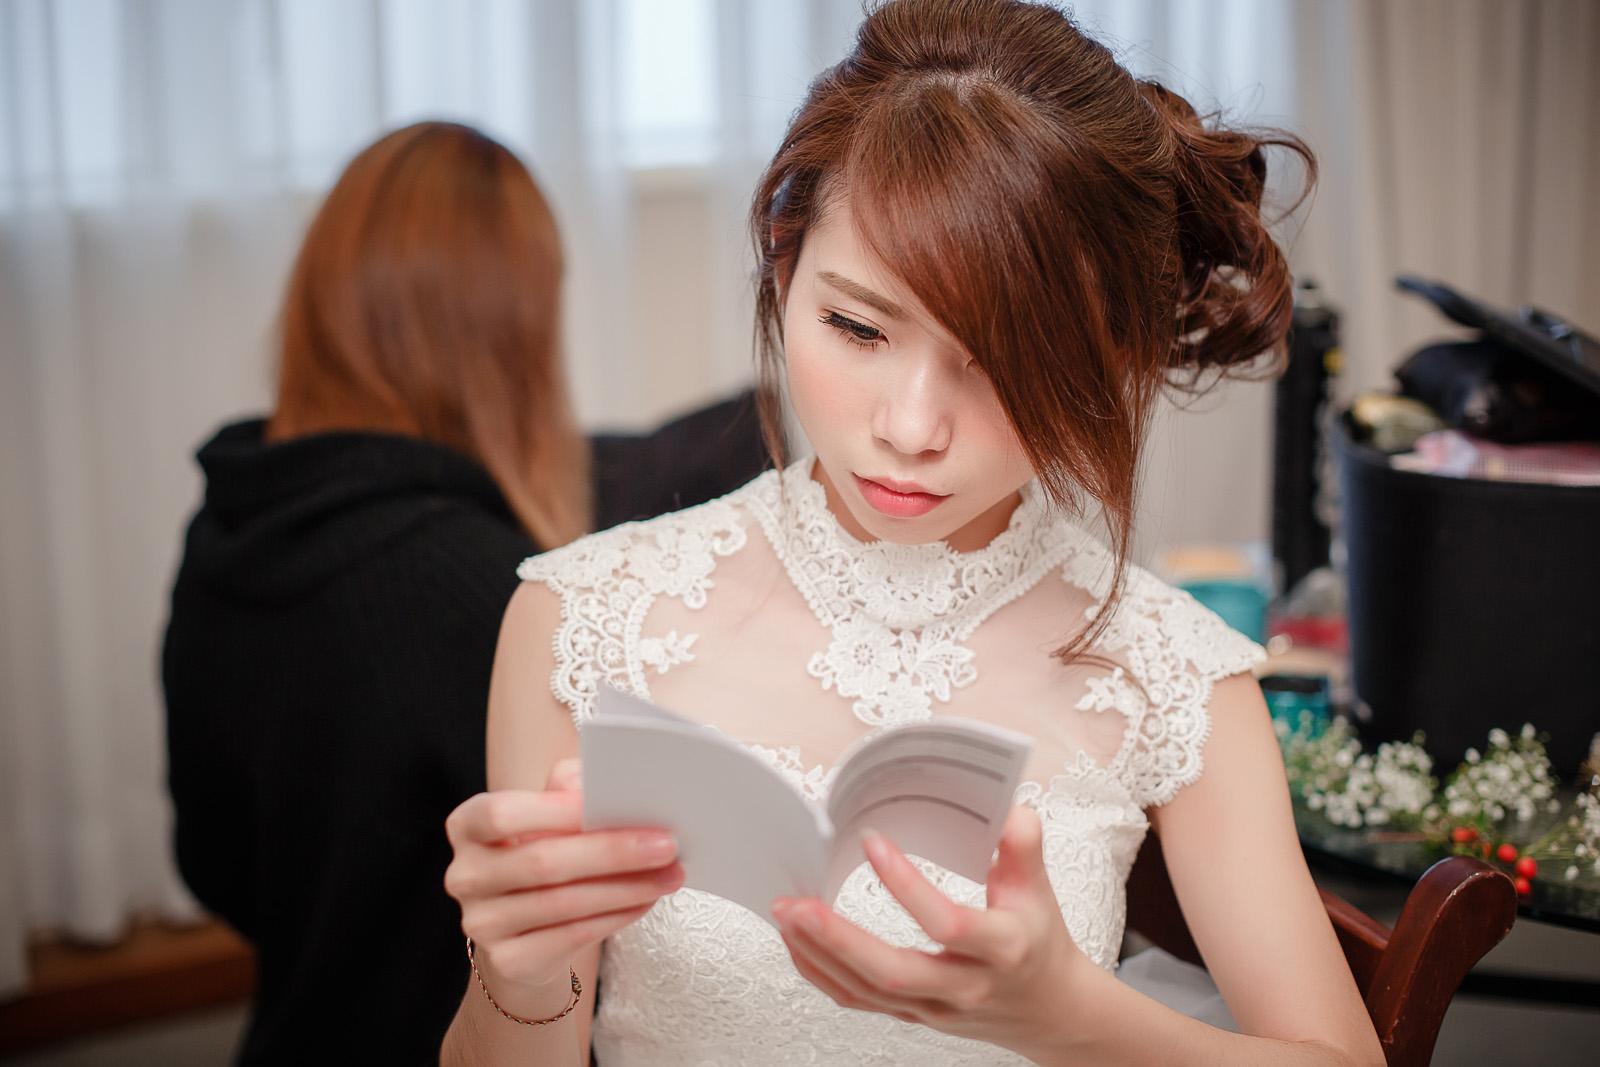 高雄圓山飯店,婚禮攝影,婚攝,高雄婚攝,優質婚攝推薦,Jen&Ethan-076